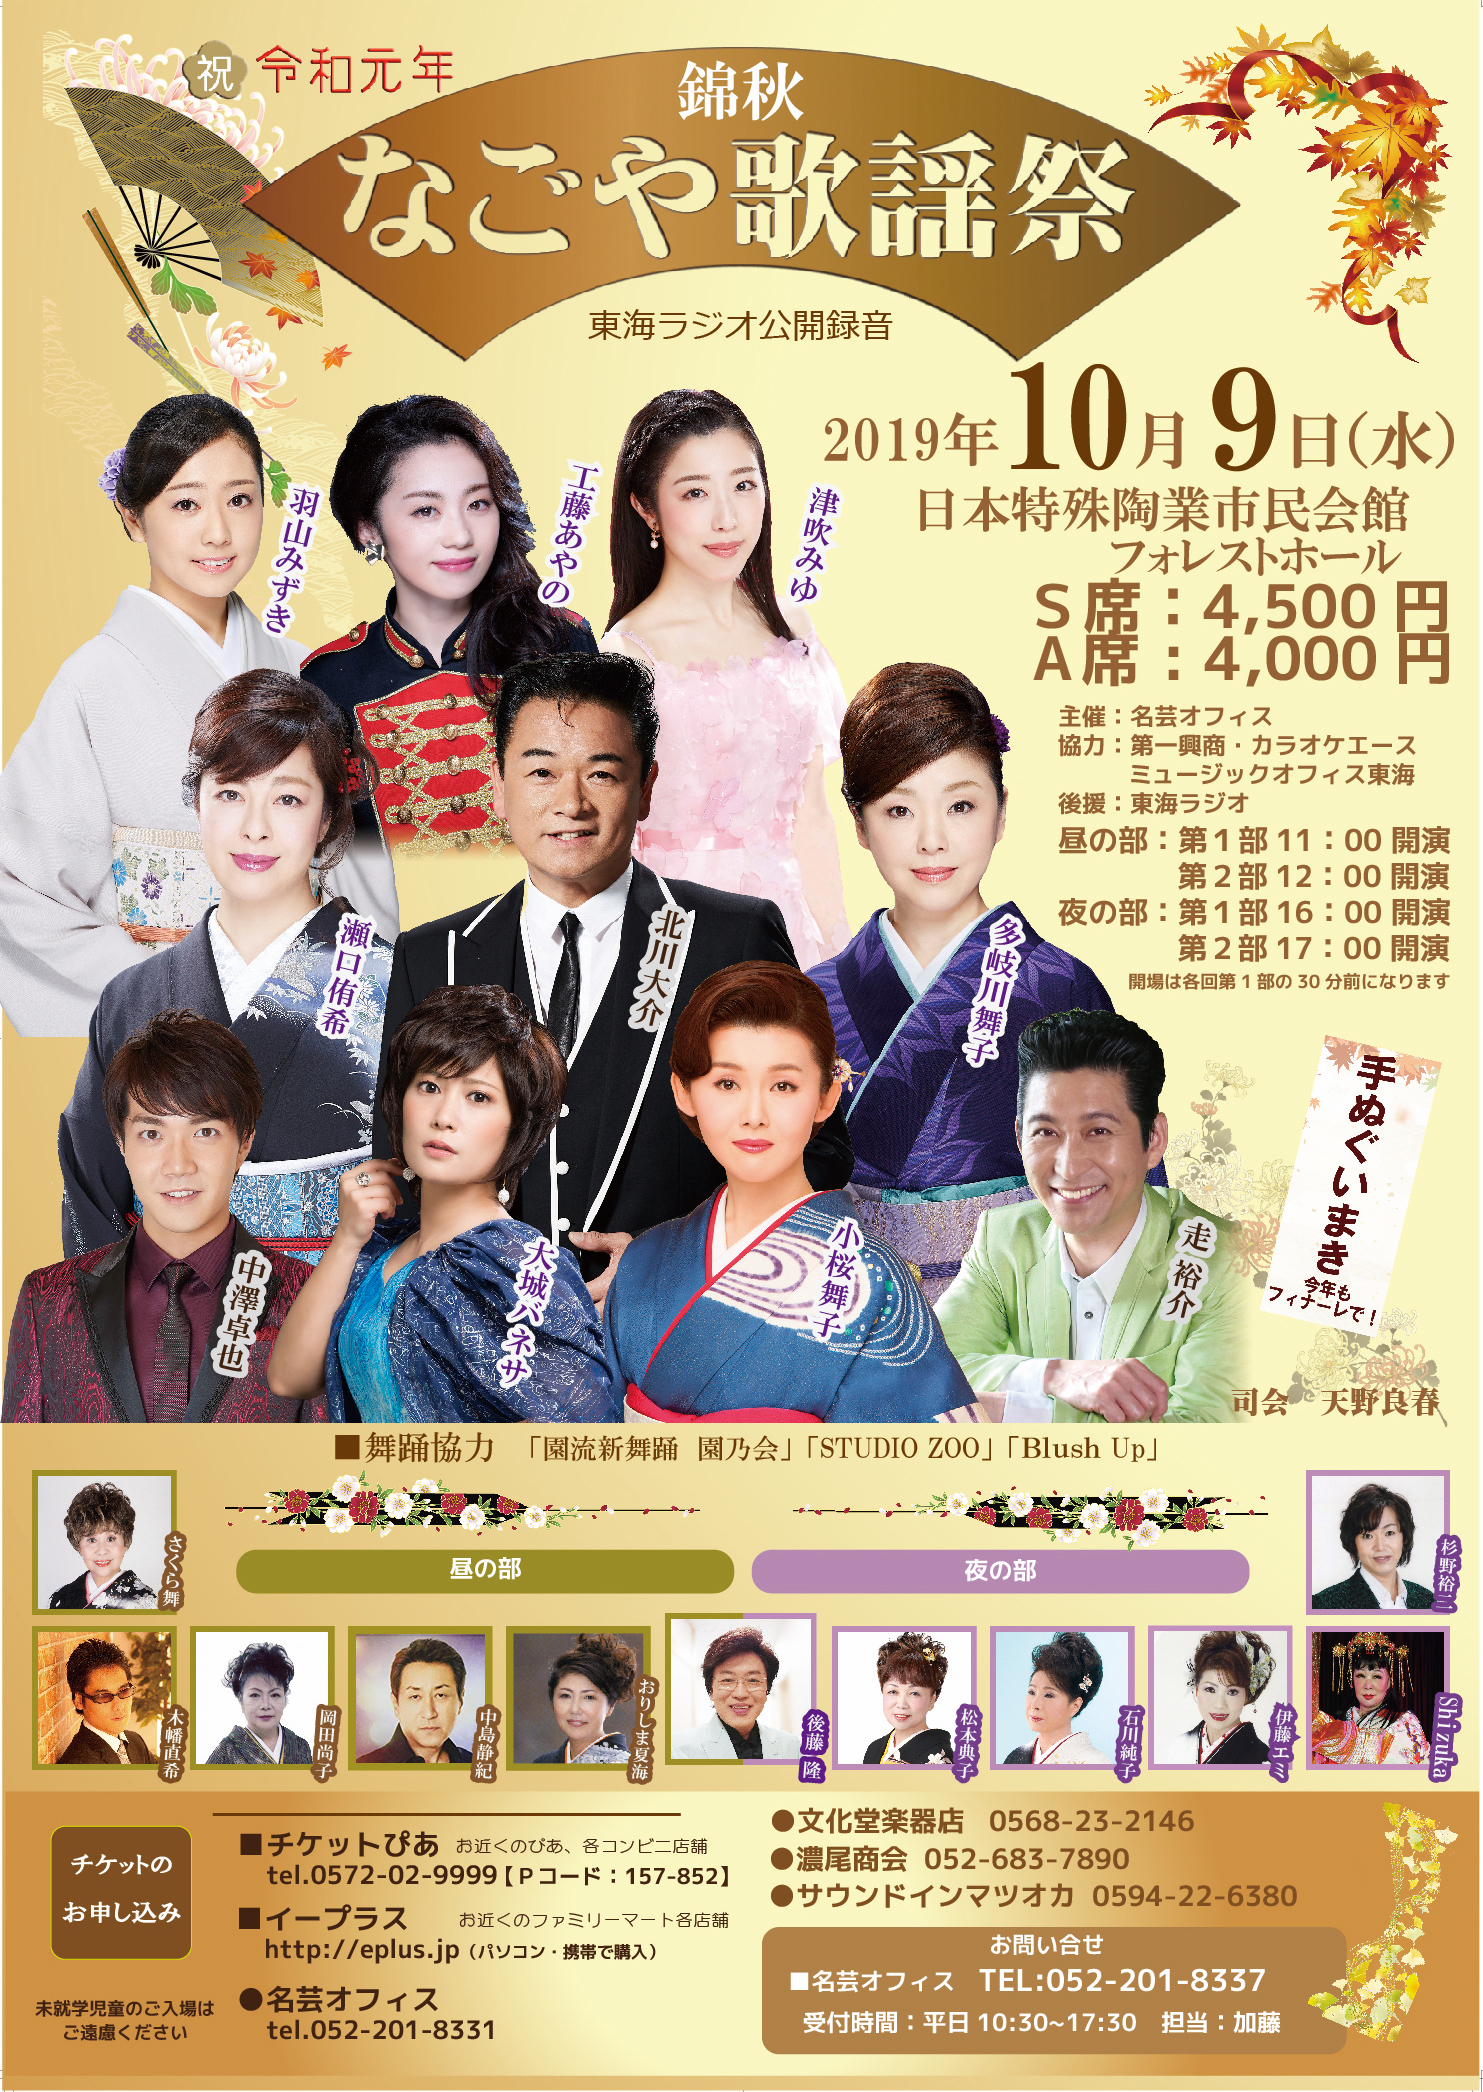 2019/10/09 錦秋 なごや歌謡祭